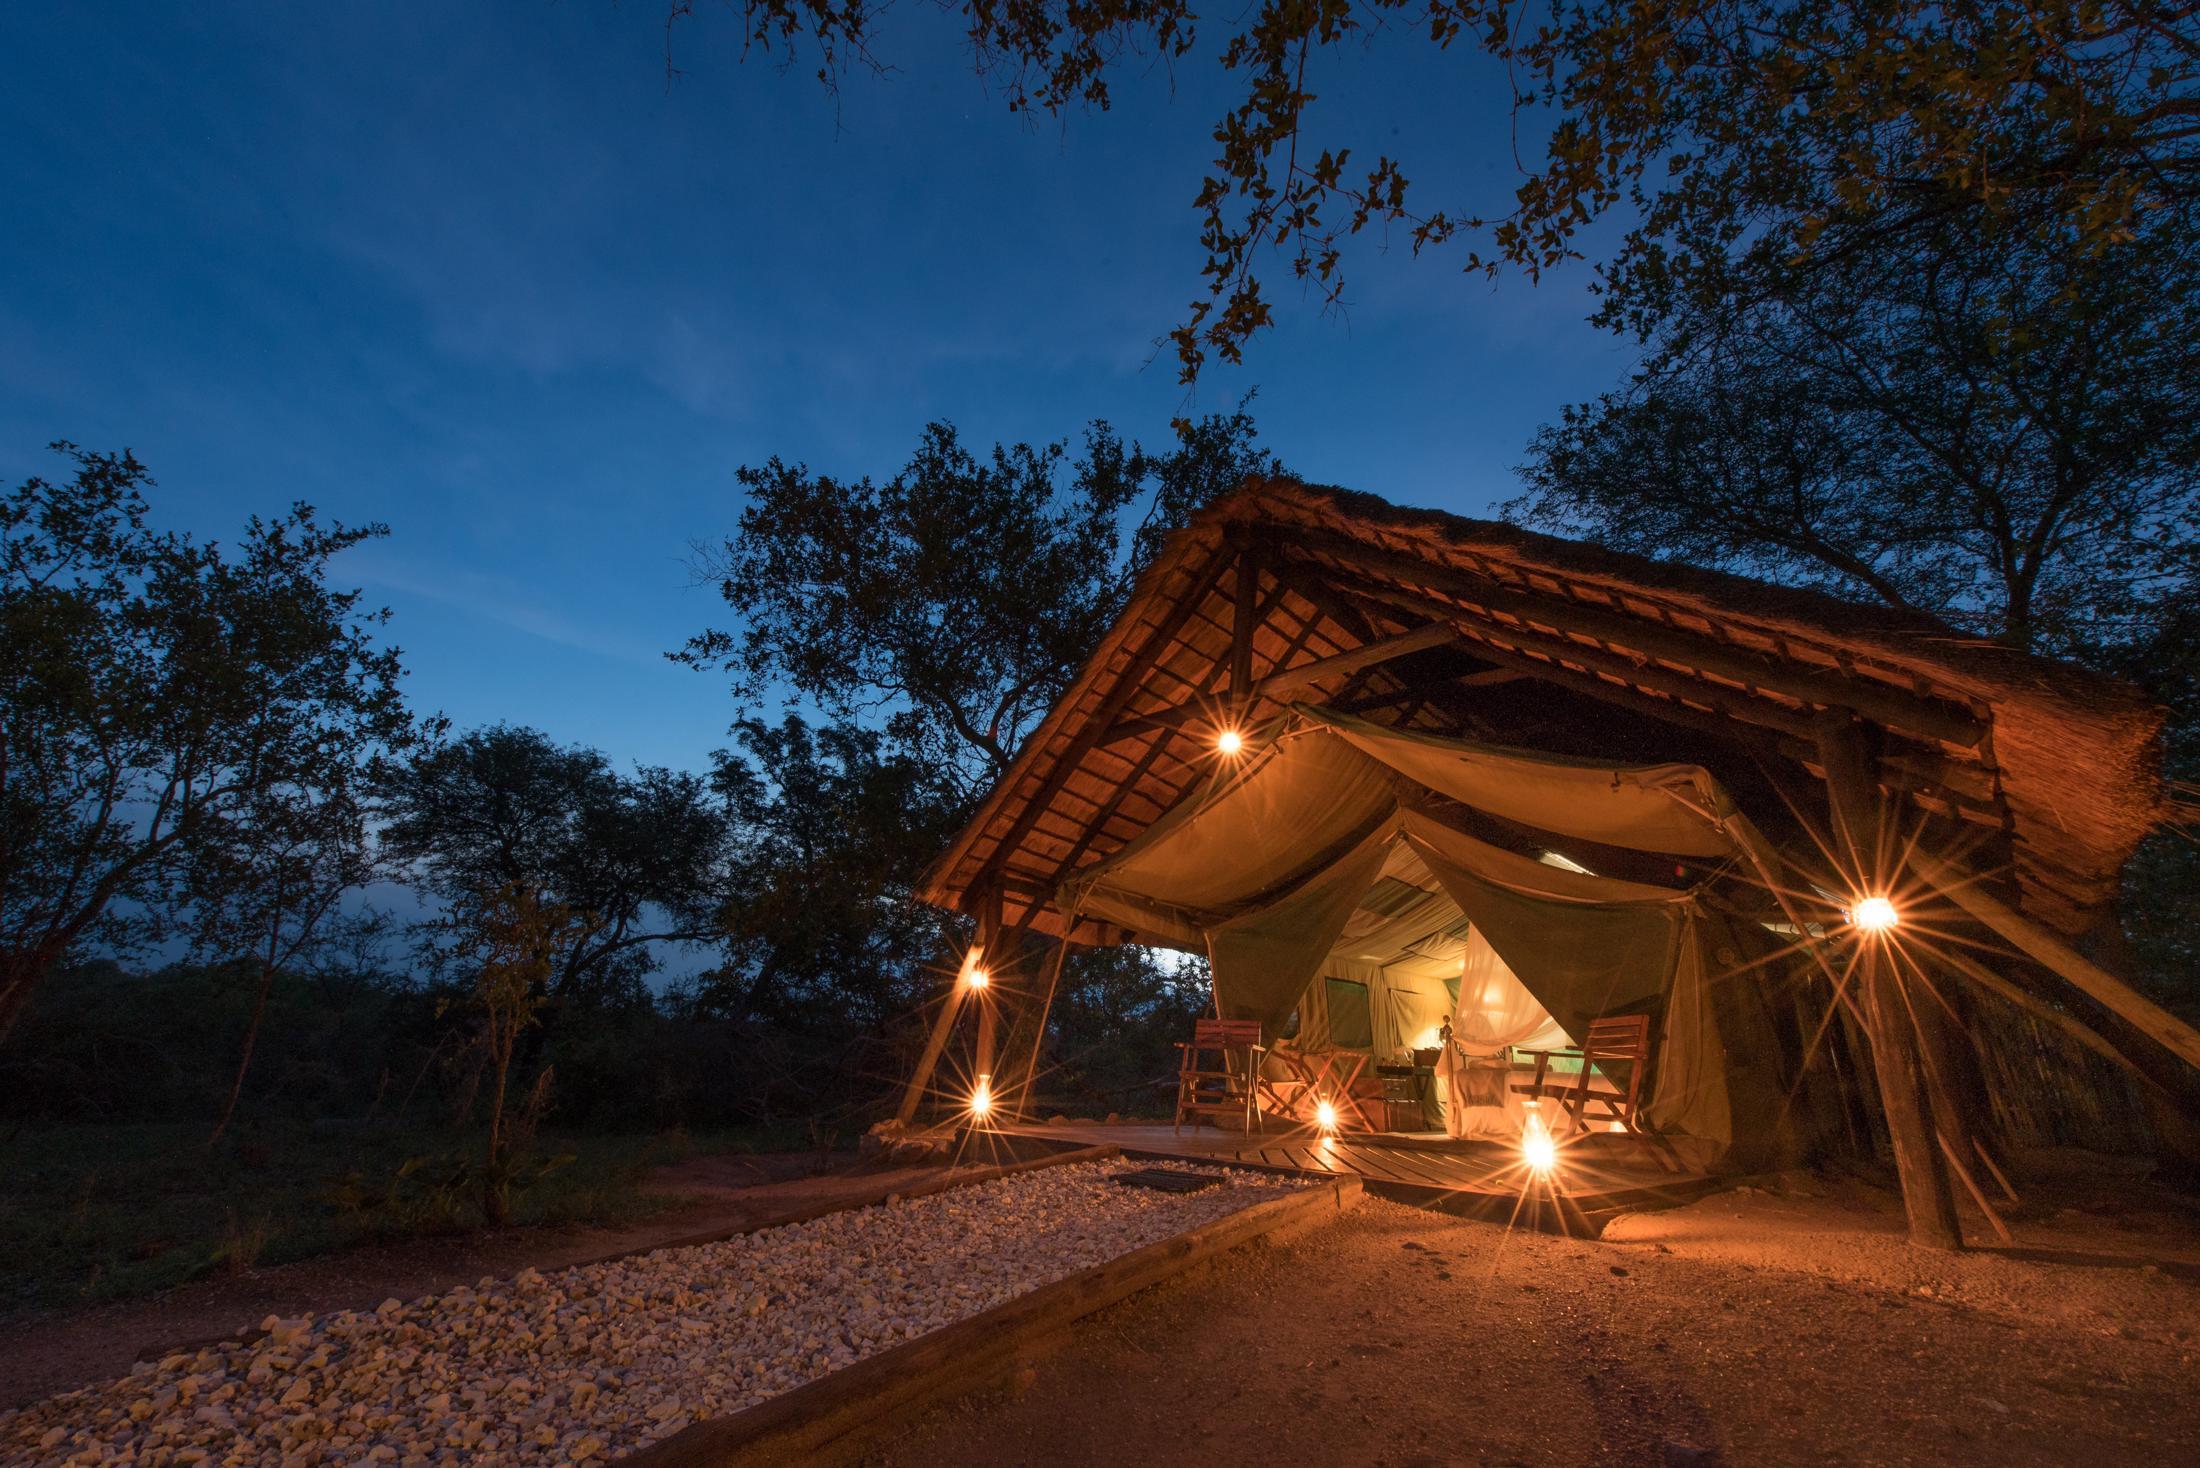 Huwelijksreizen Afrika - Romantiek in een safari tent